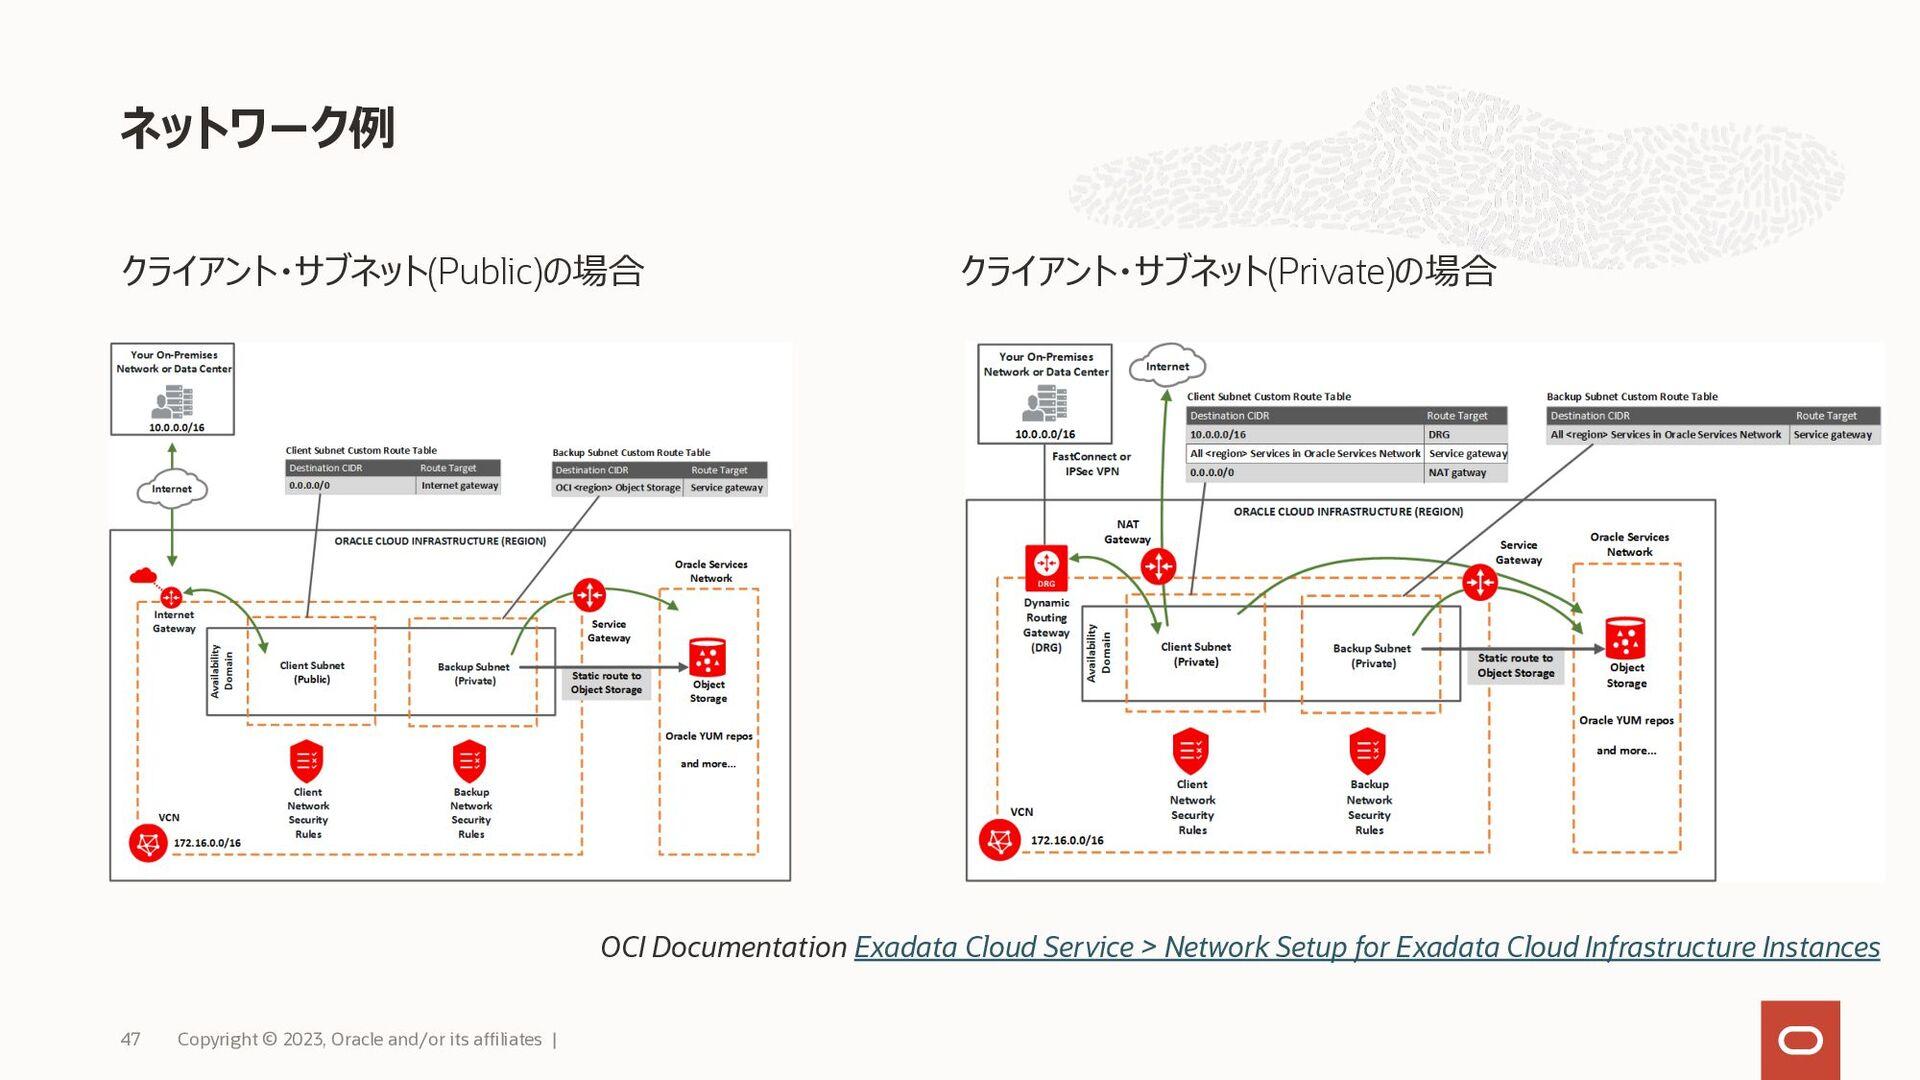 利用可能 OCPU 数の変更 Copyright © 2021, Oracle and/or ...